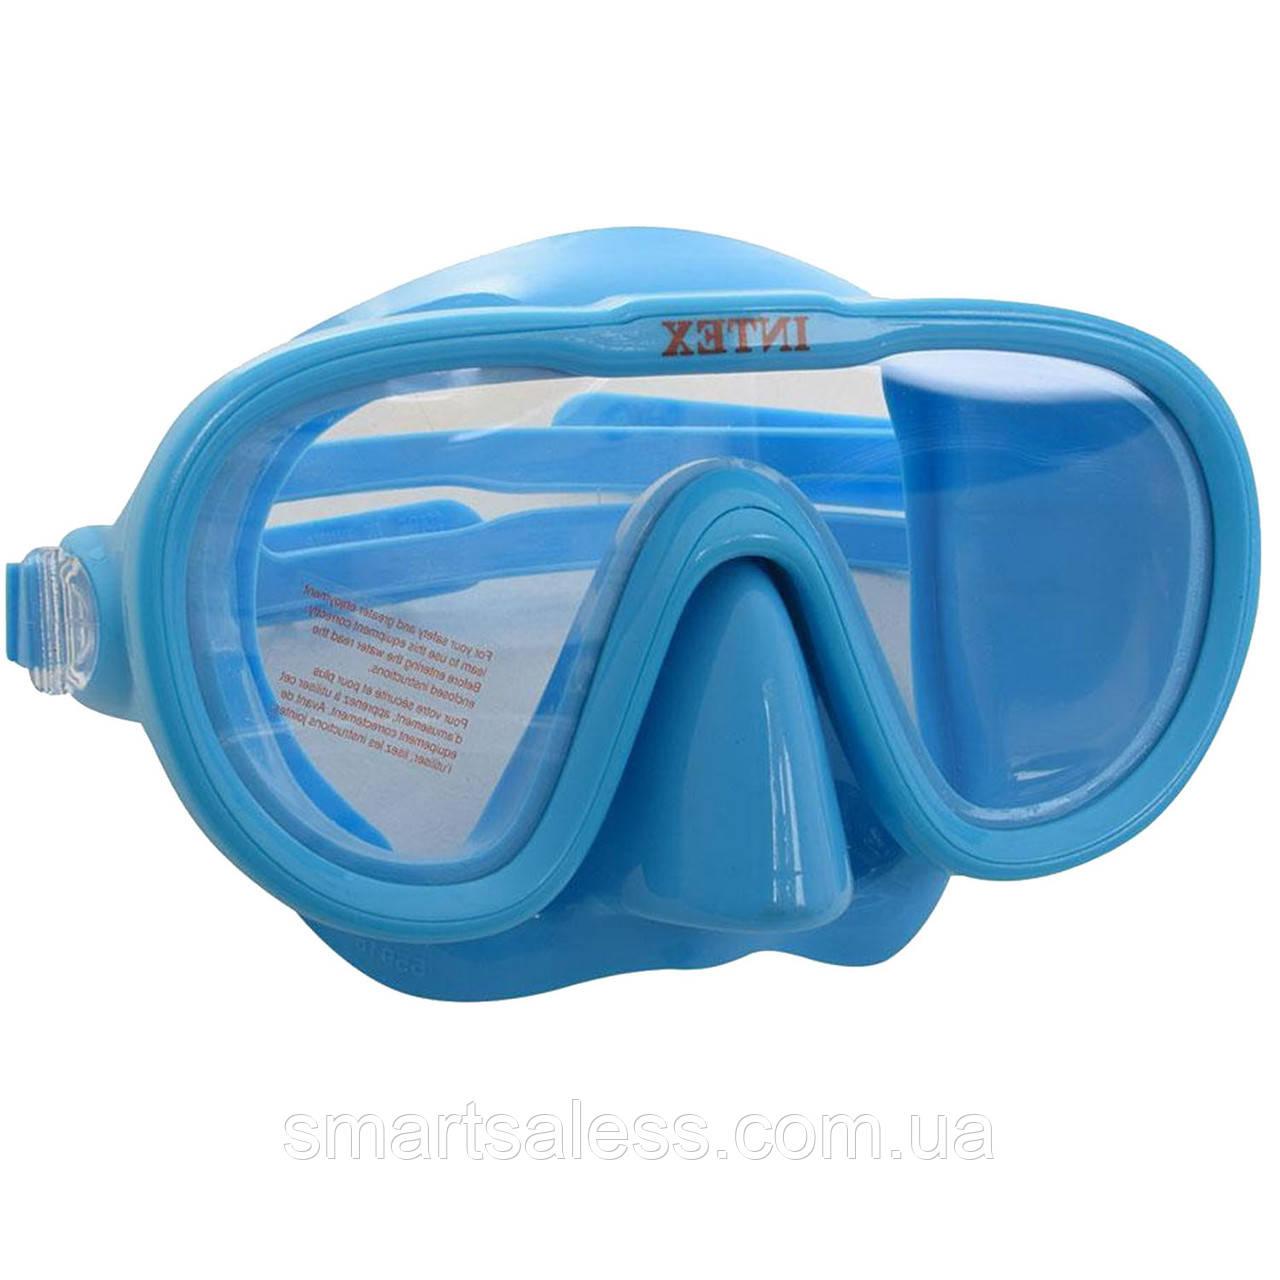 Маска для плавання Intex 55916, розмір L (8+), обхват голови ≈ 54 см, блакитна